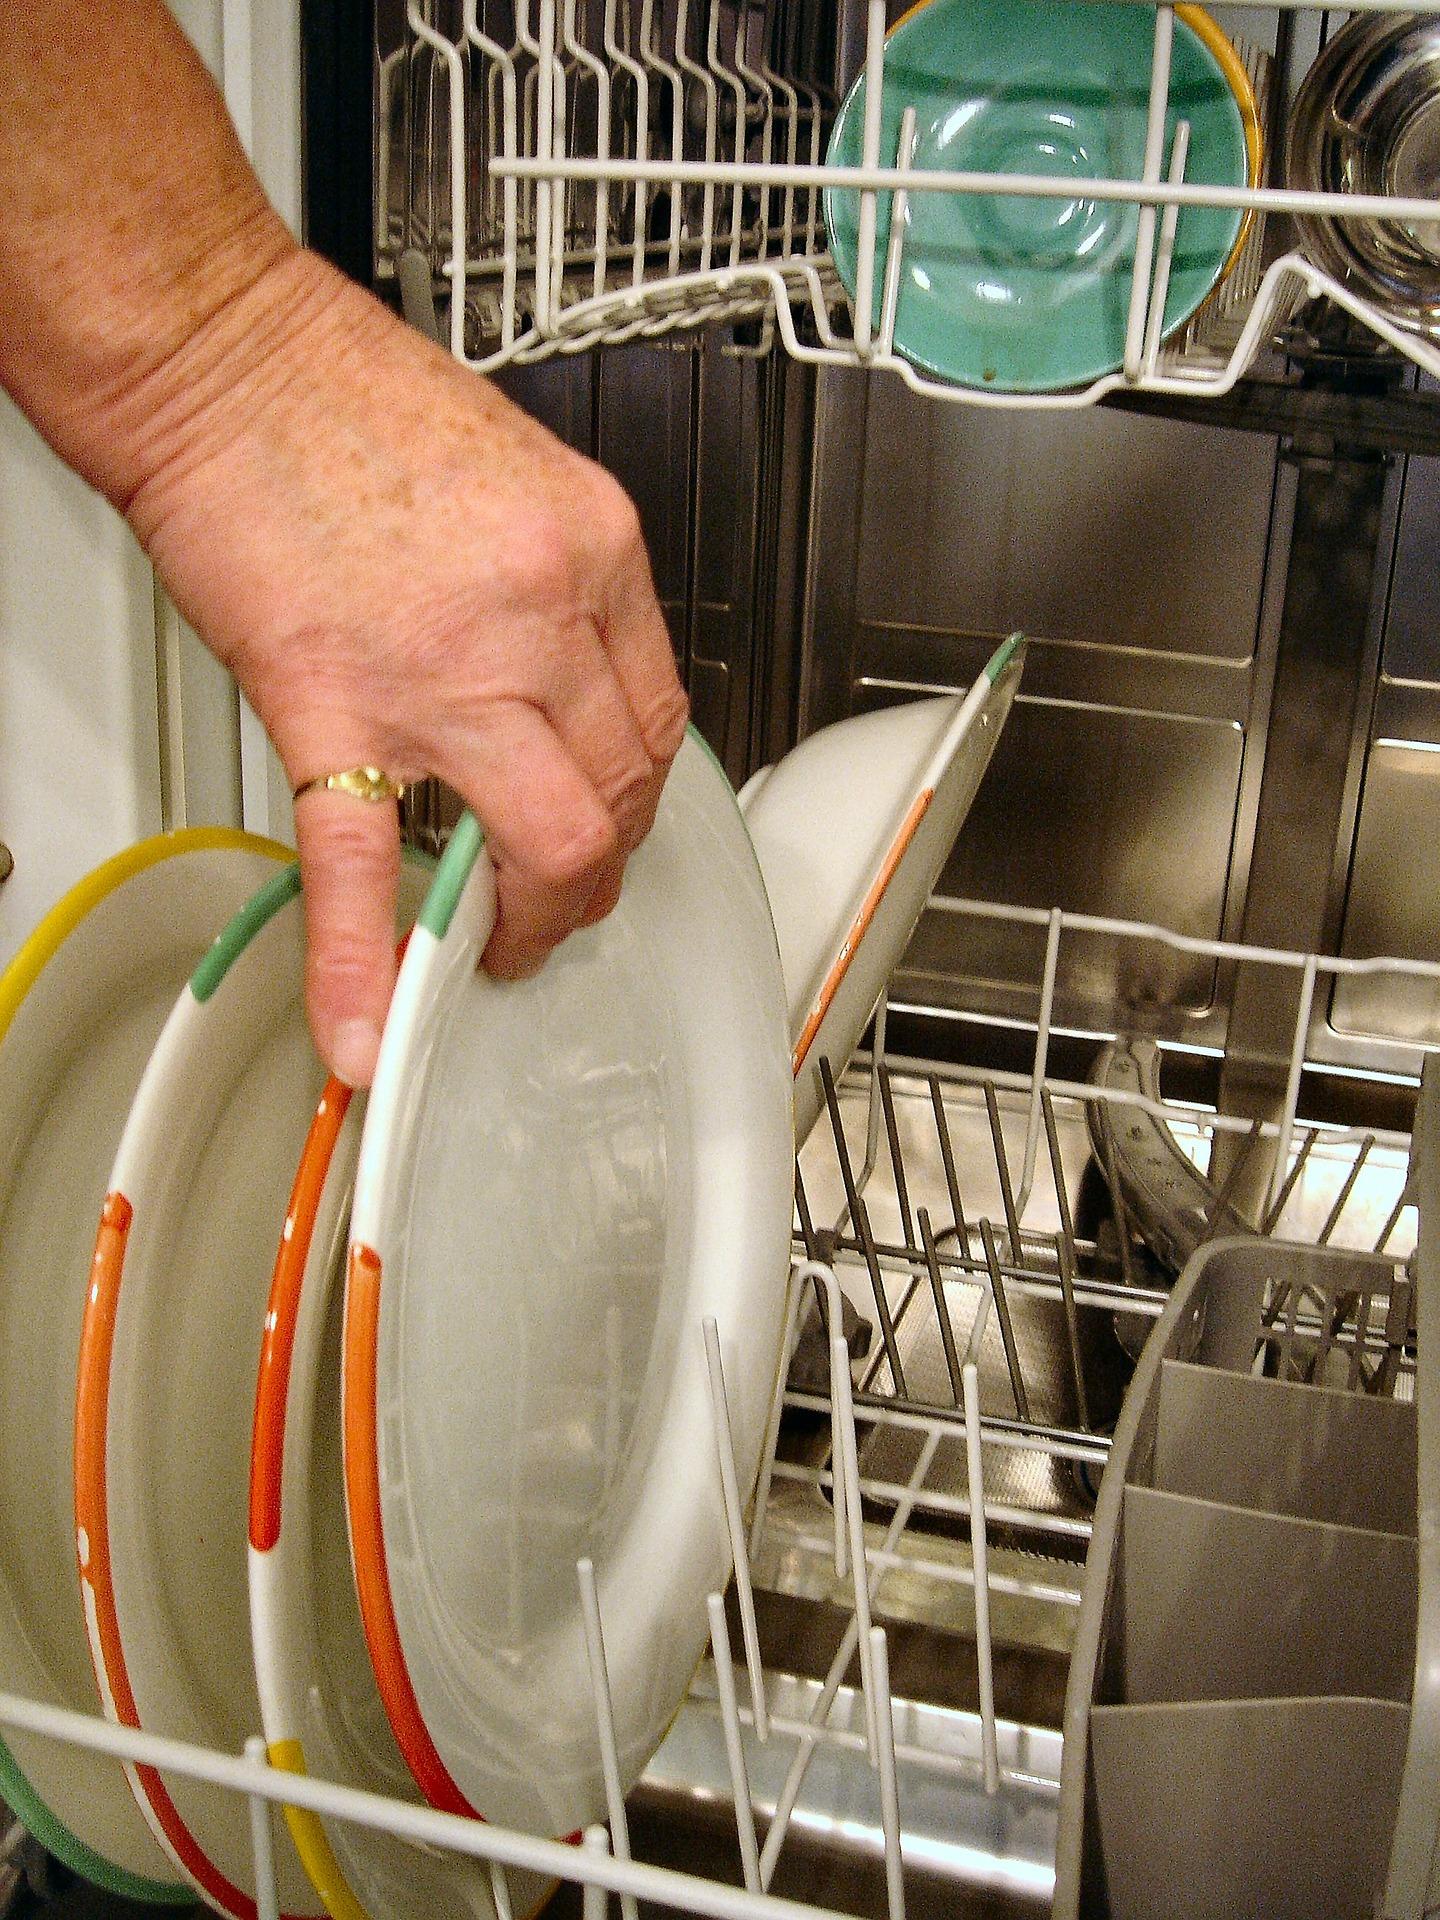 dishwasher plumbing service